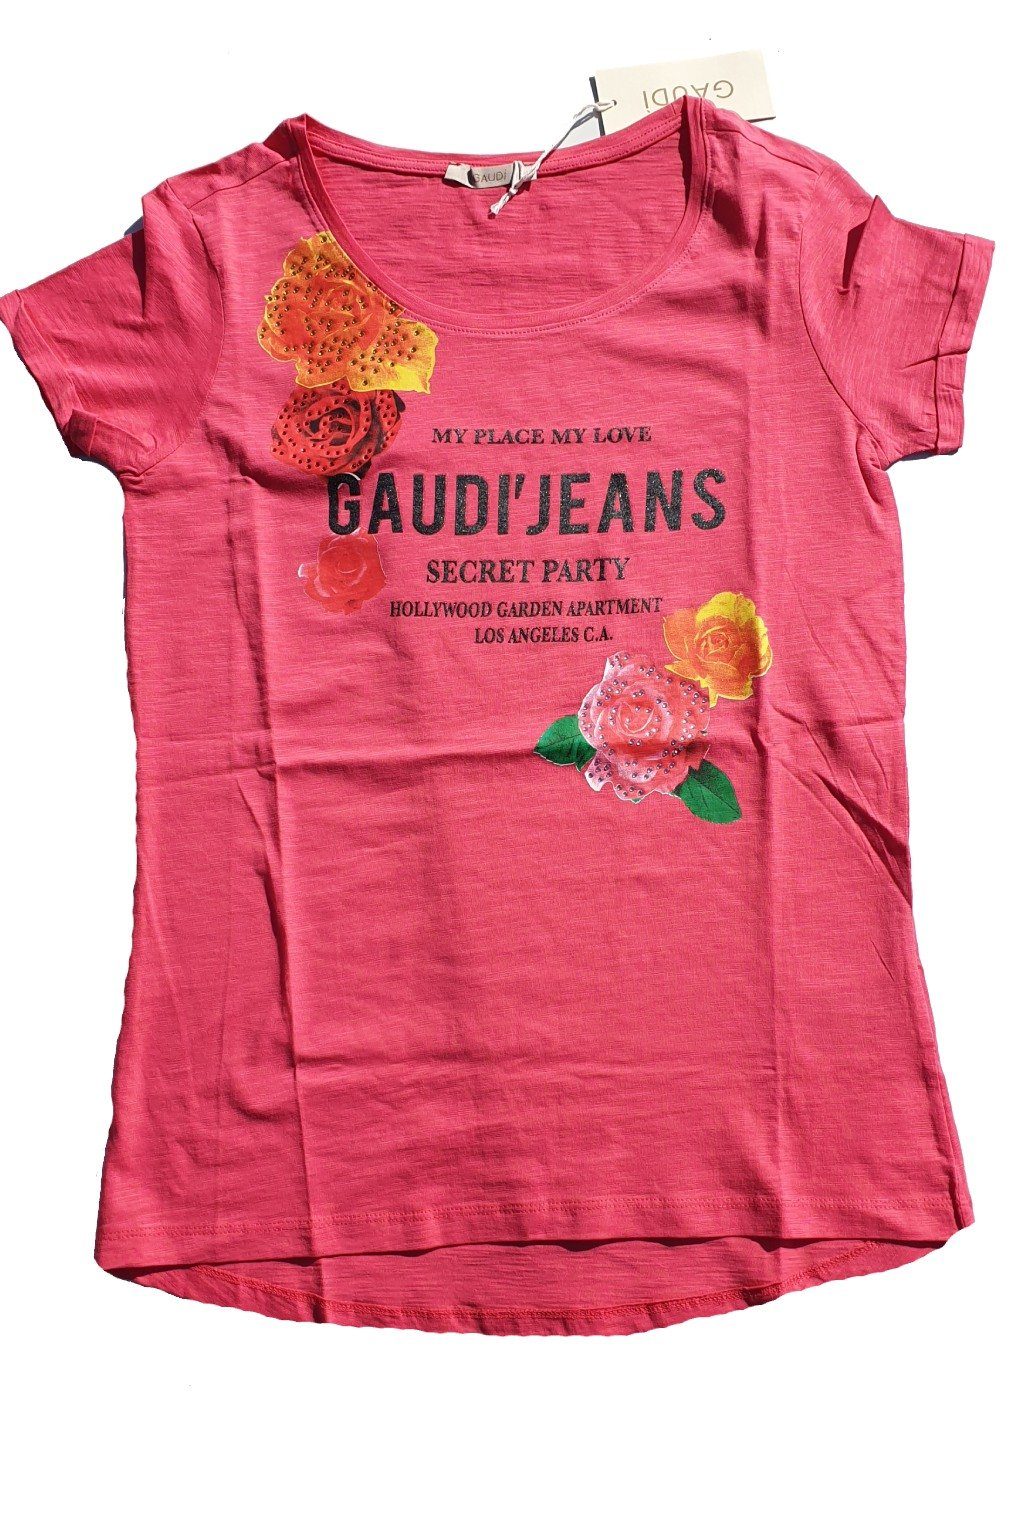 znackove damske tricko s kaminky Gaudi Jeans ruzove (3)